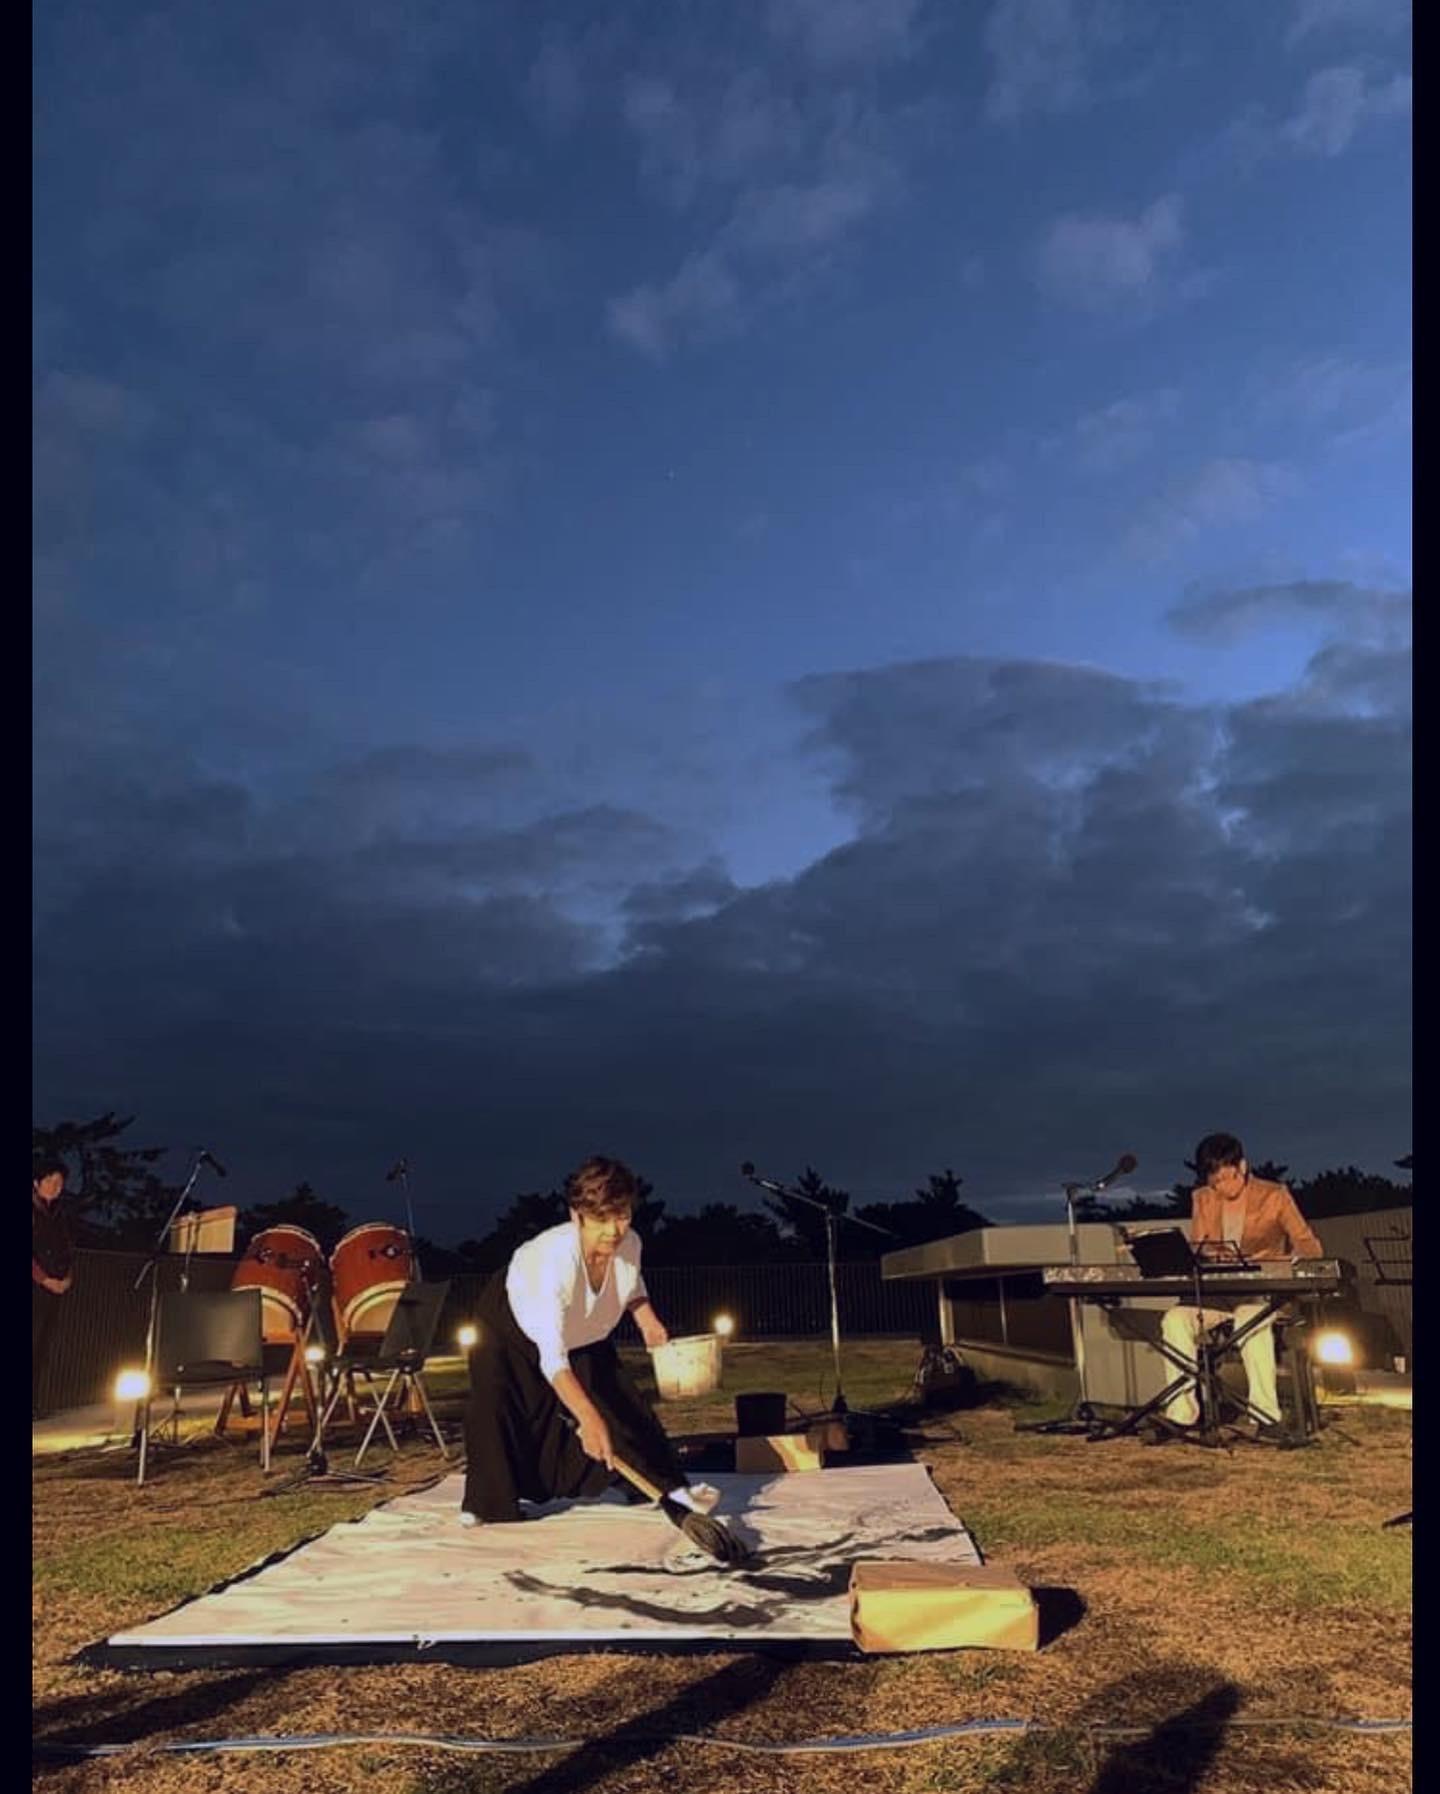 「岡本彰夫✖️辻明俊 新刊を語る」2部夕暮れコンサート こころひとつに_f0389753_18255122.jpeg